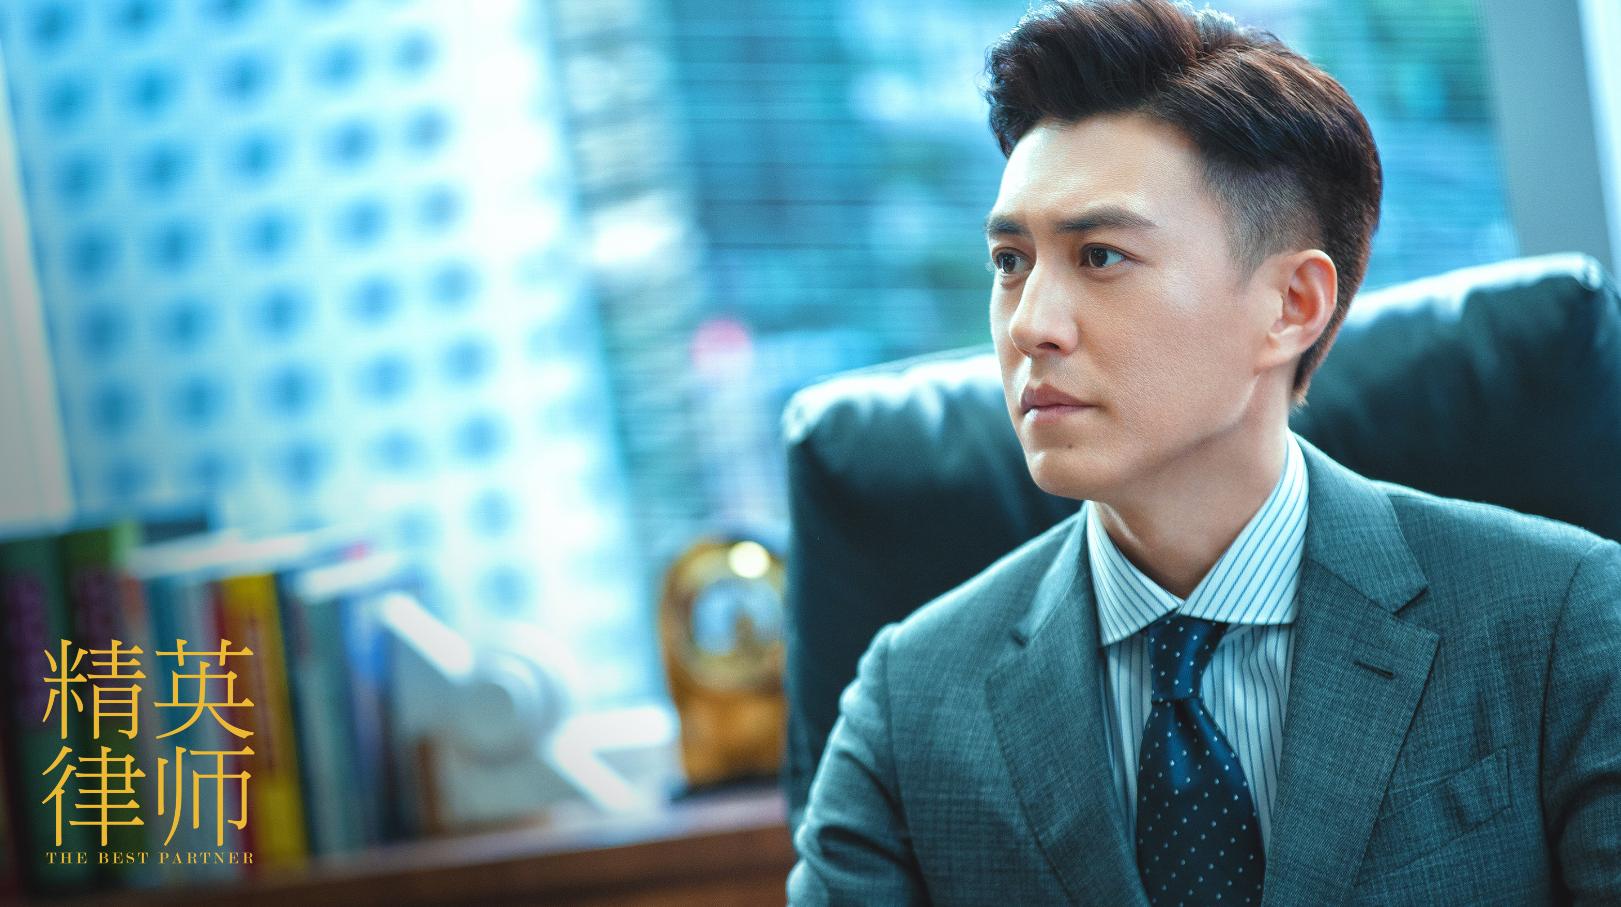 明星商业价值12月榜 靳东《精英律师》等众主演热度攀升图片